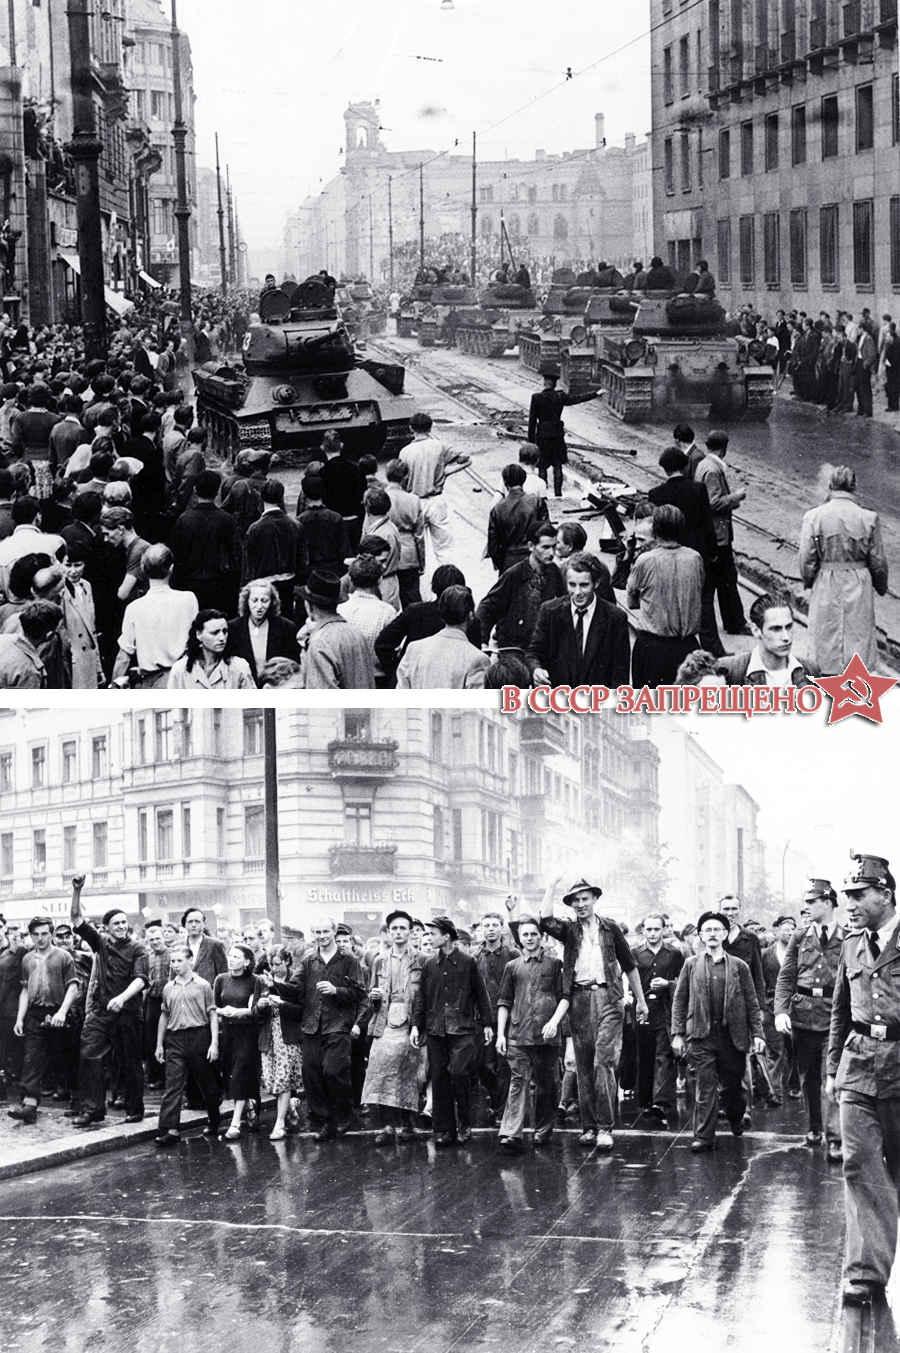 Фото антикоммунистического бунта в 1953 в Германии